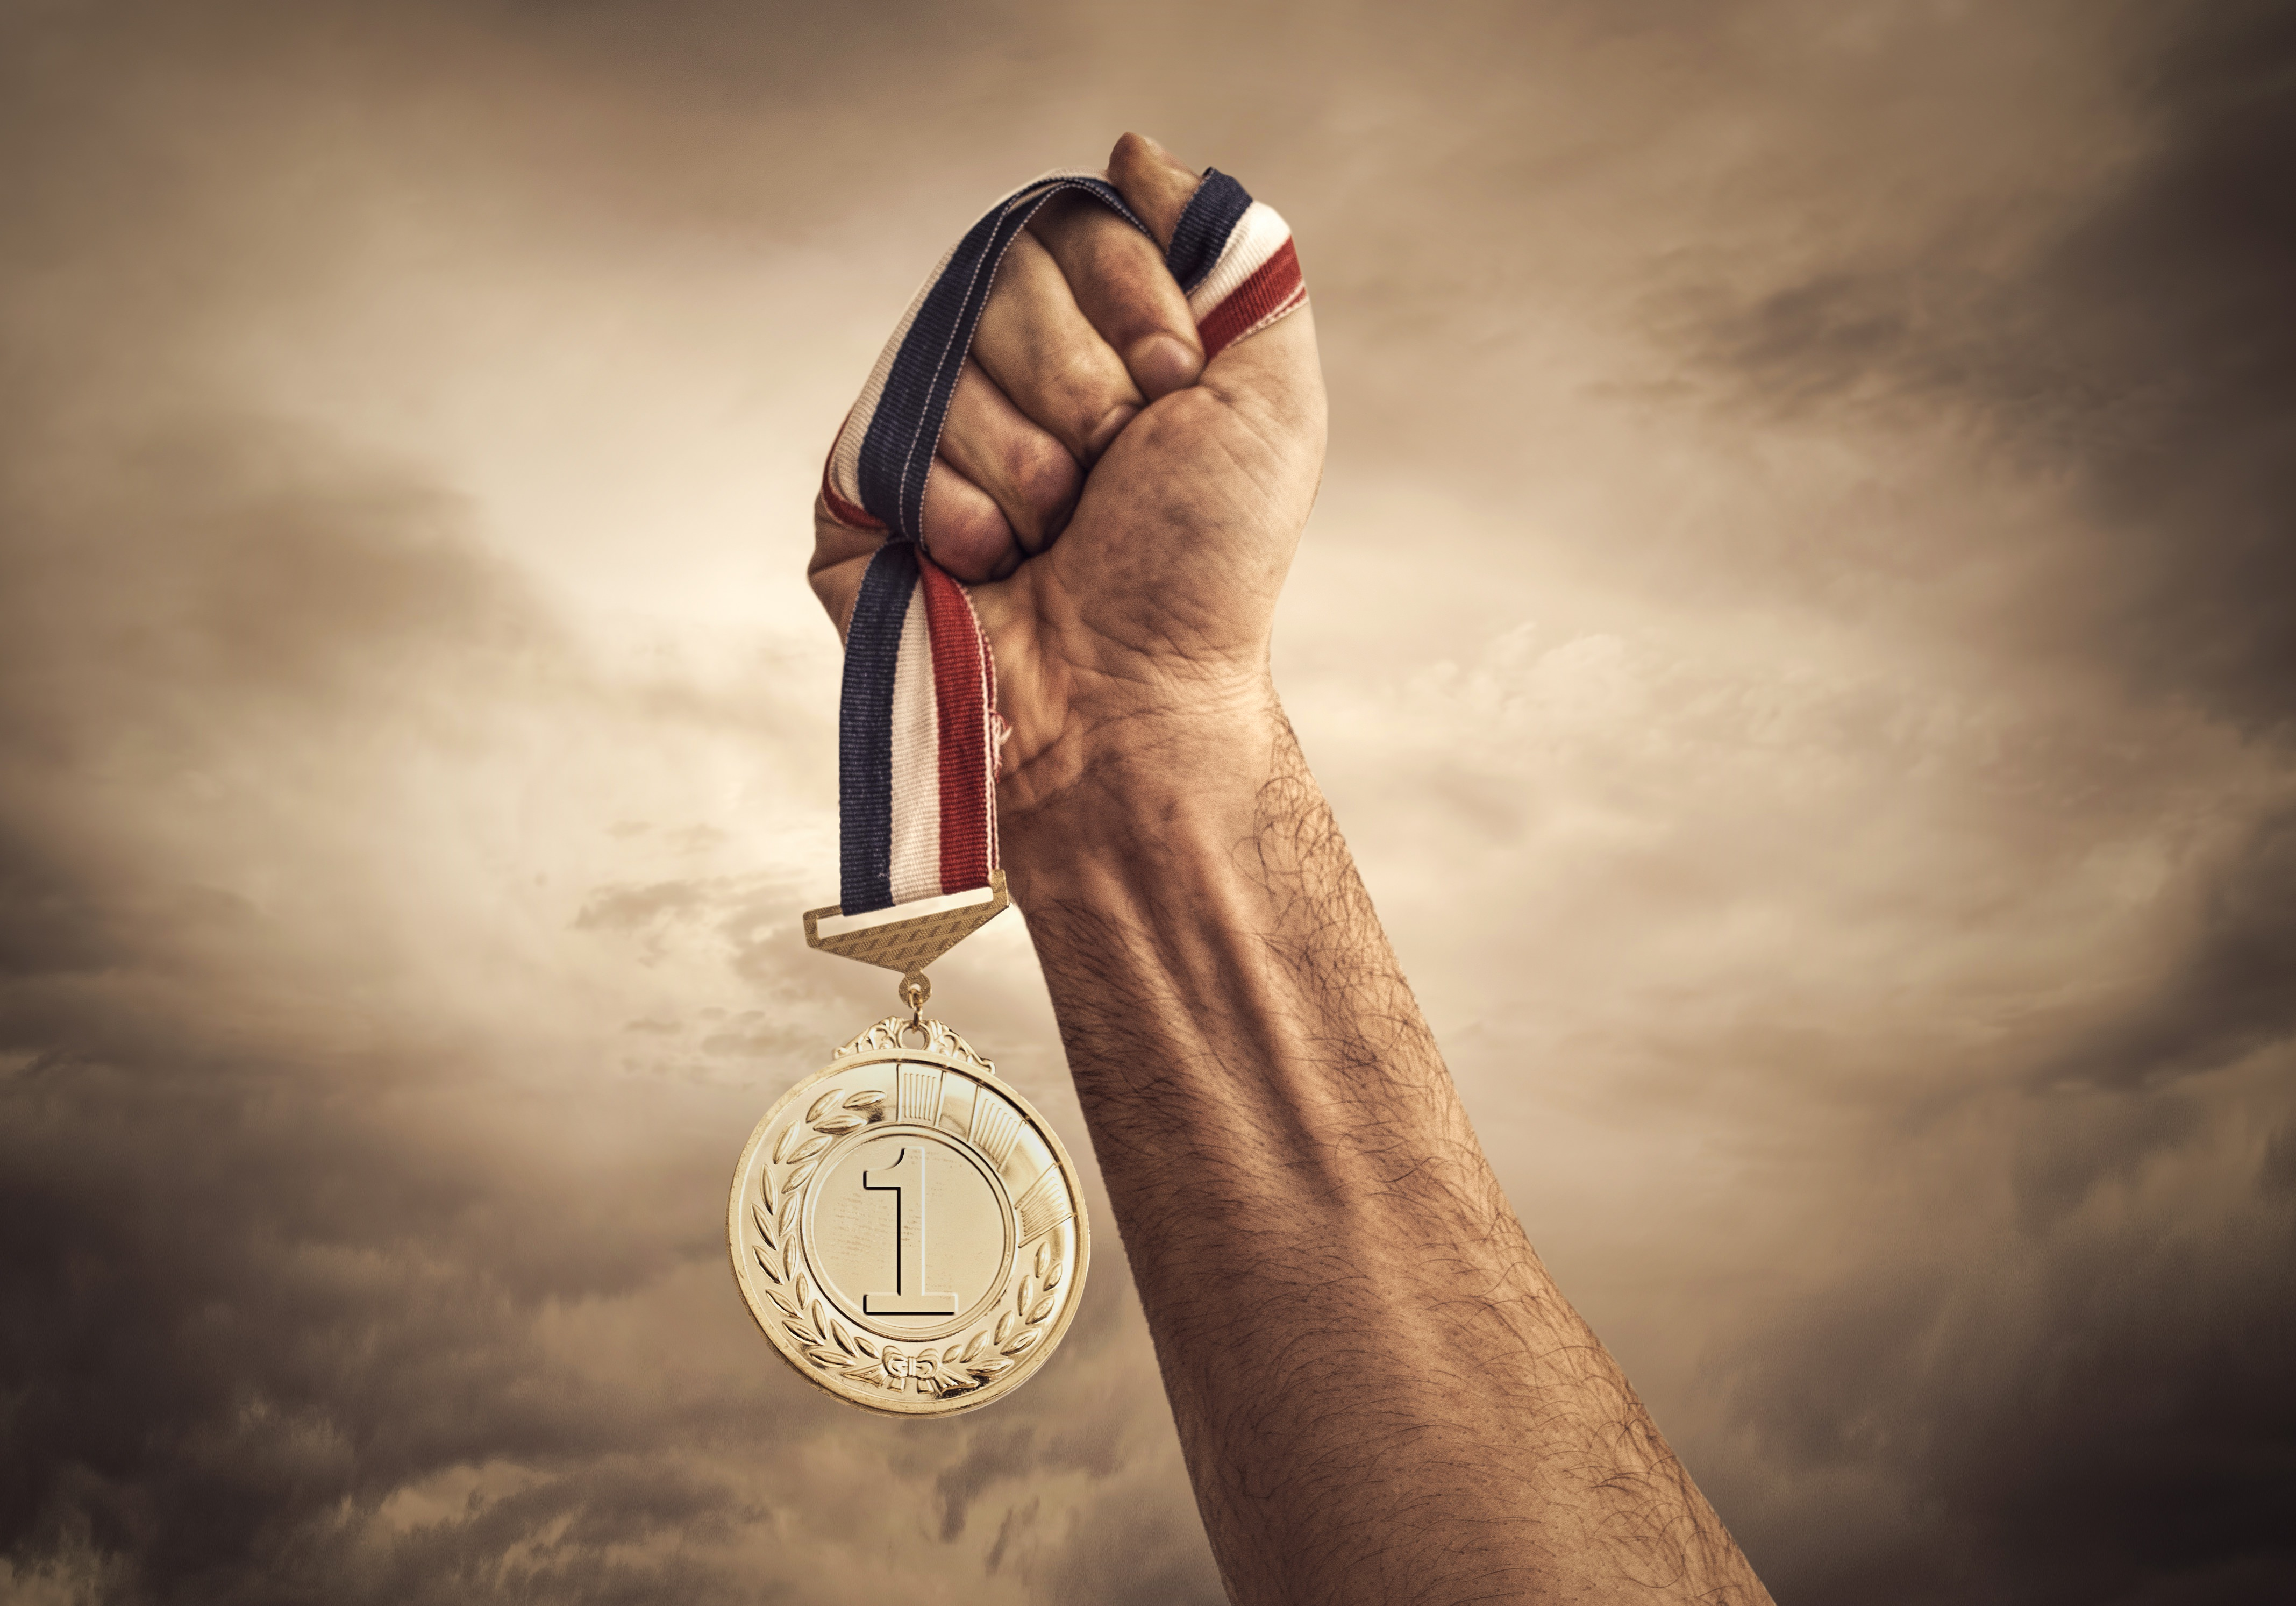 Medal Held Aloft